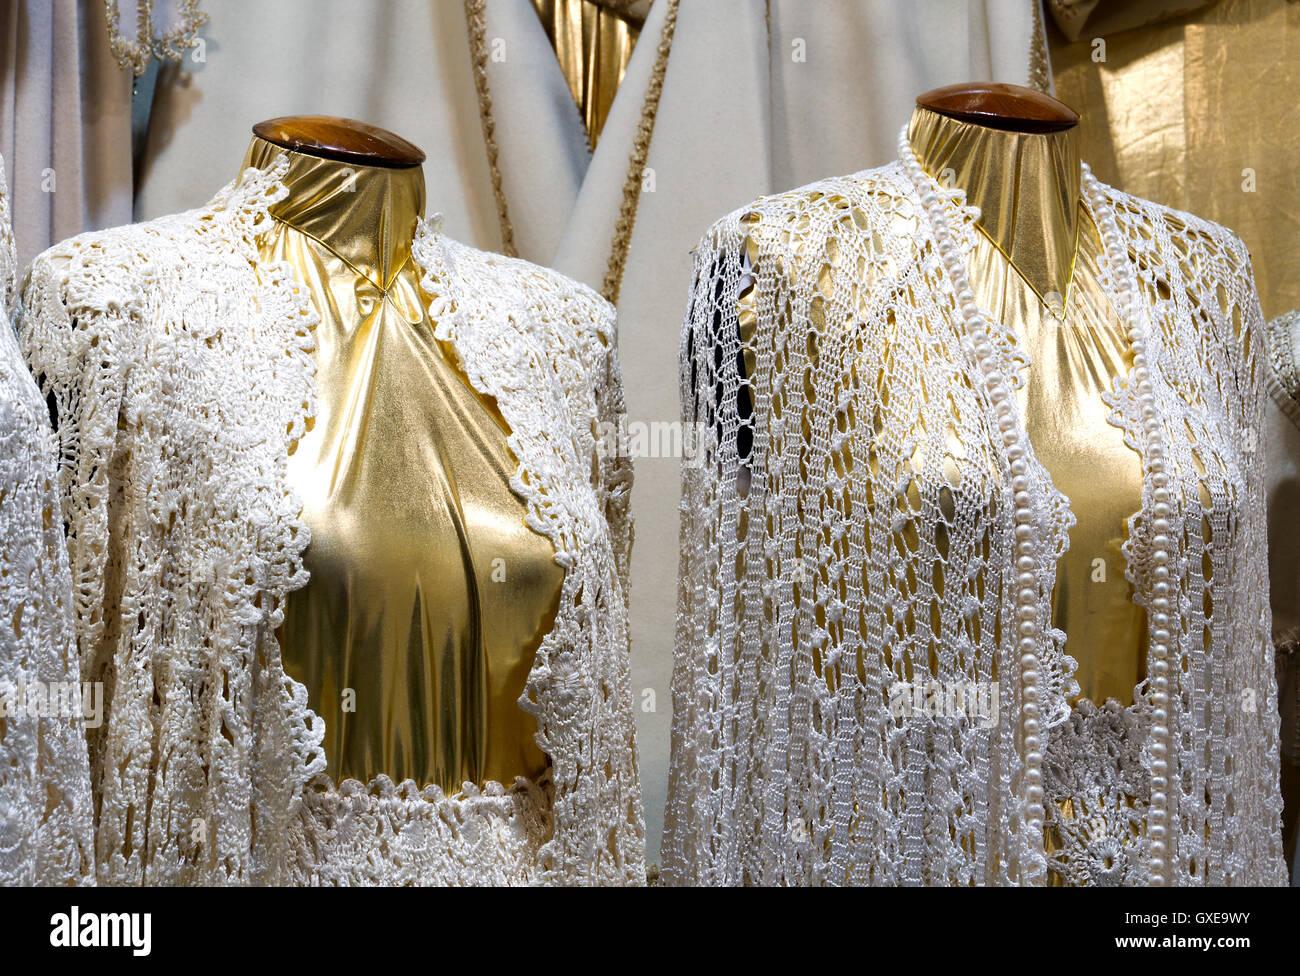 641a6629cb3e Moda donna eleganti manichini (manichini) in negozio (boutique) vestito in  abiti macrame.